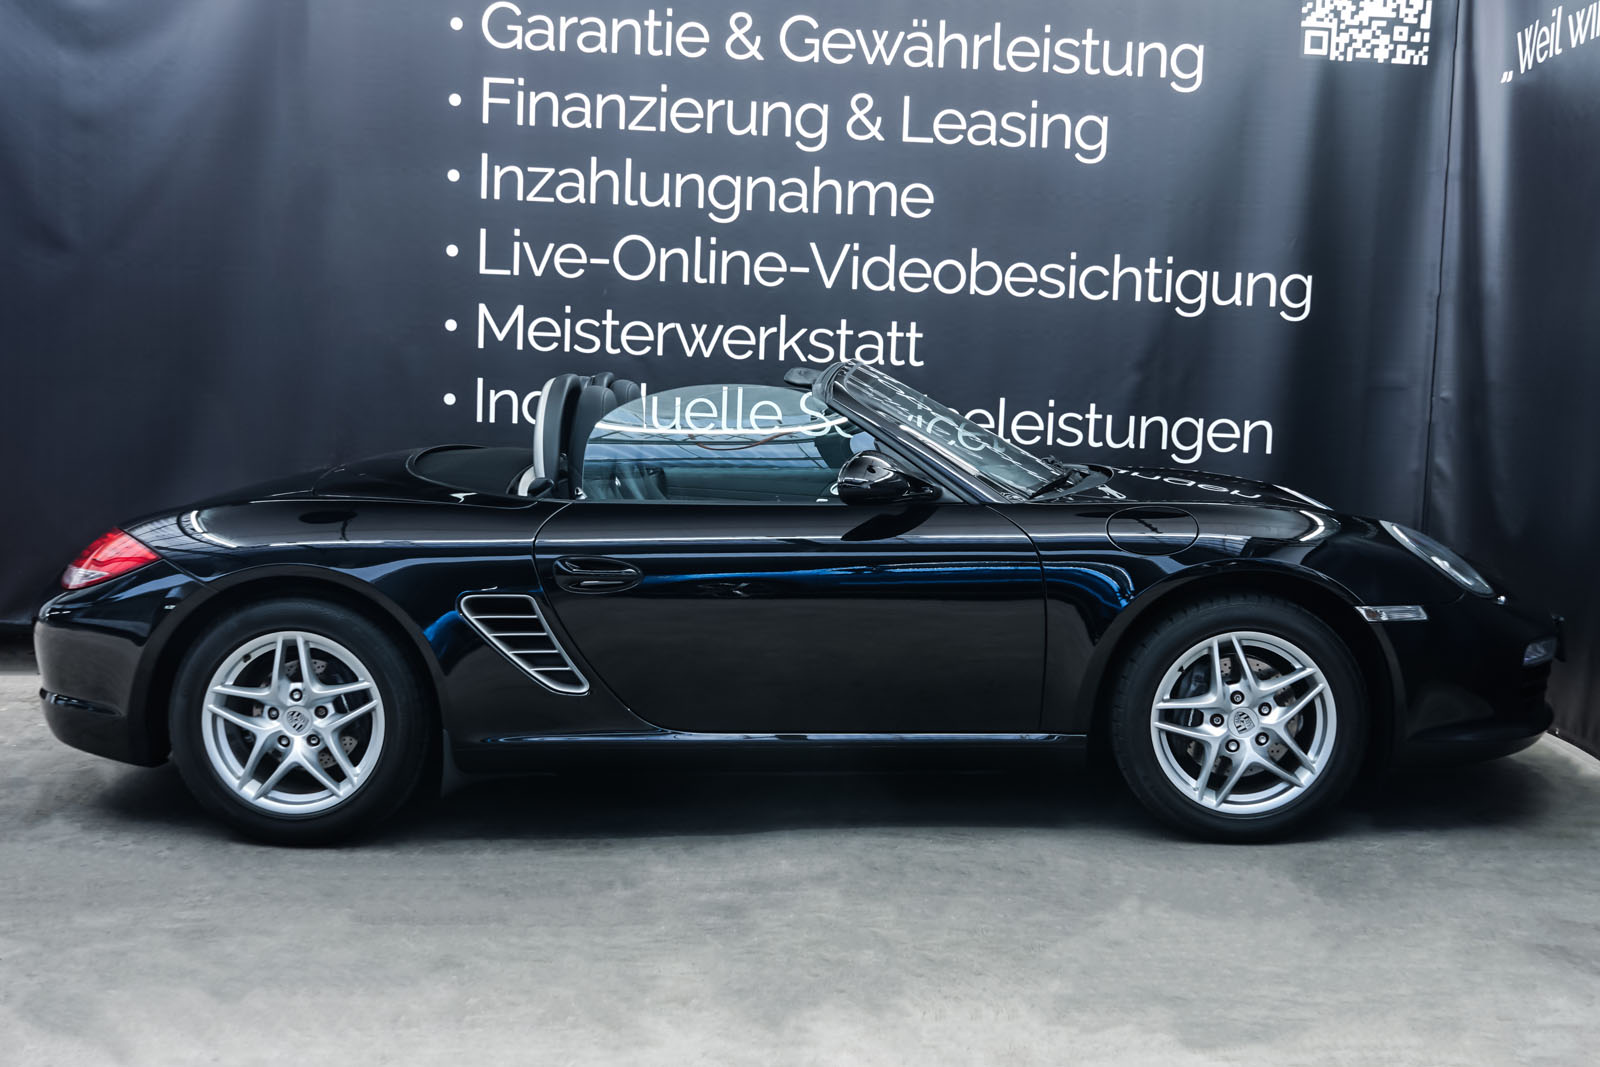 Porsche_Boxster_Schwarz_Schwarz_POR-0927_18_w